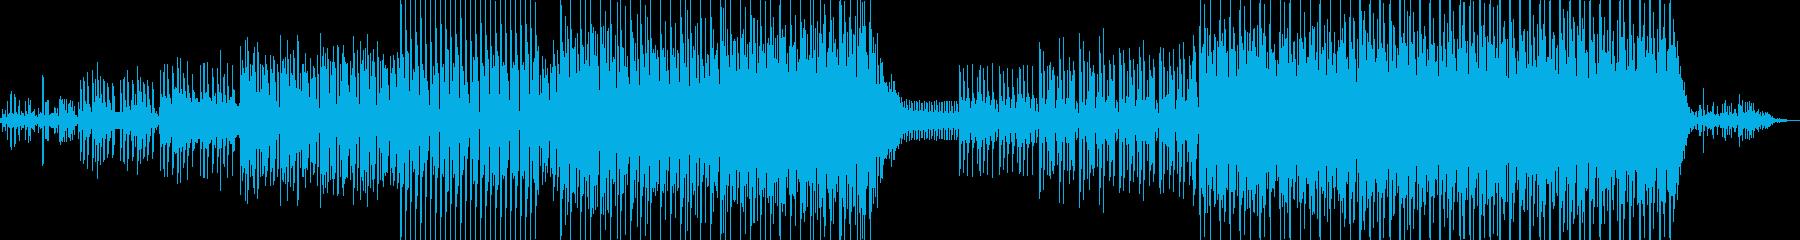 シリアスな雰囲気のEDMの再生済みの波形